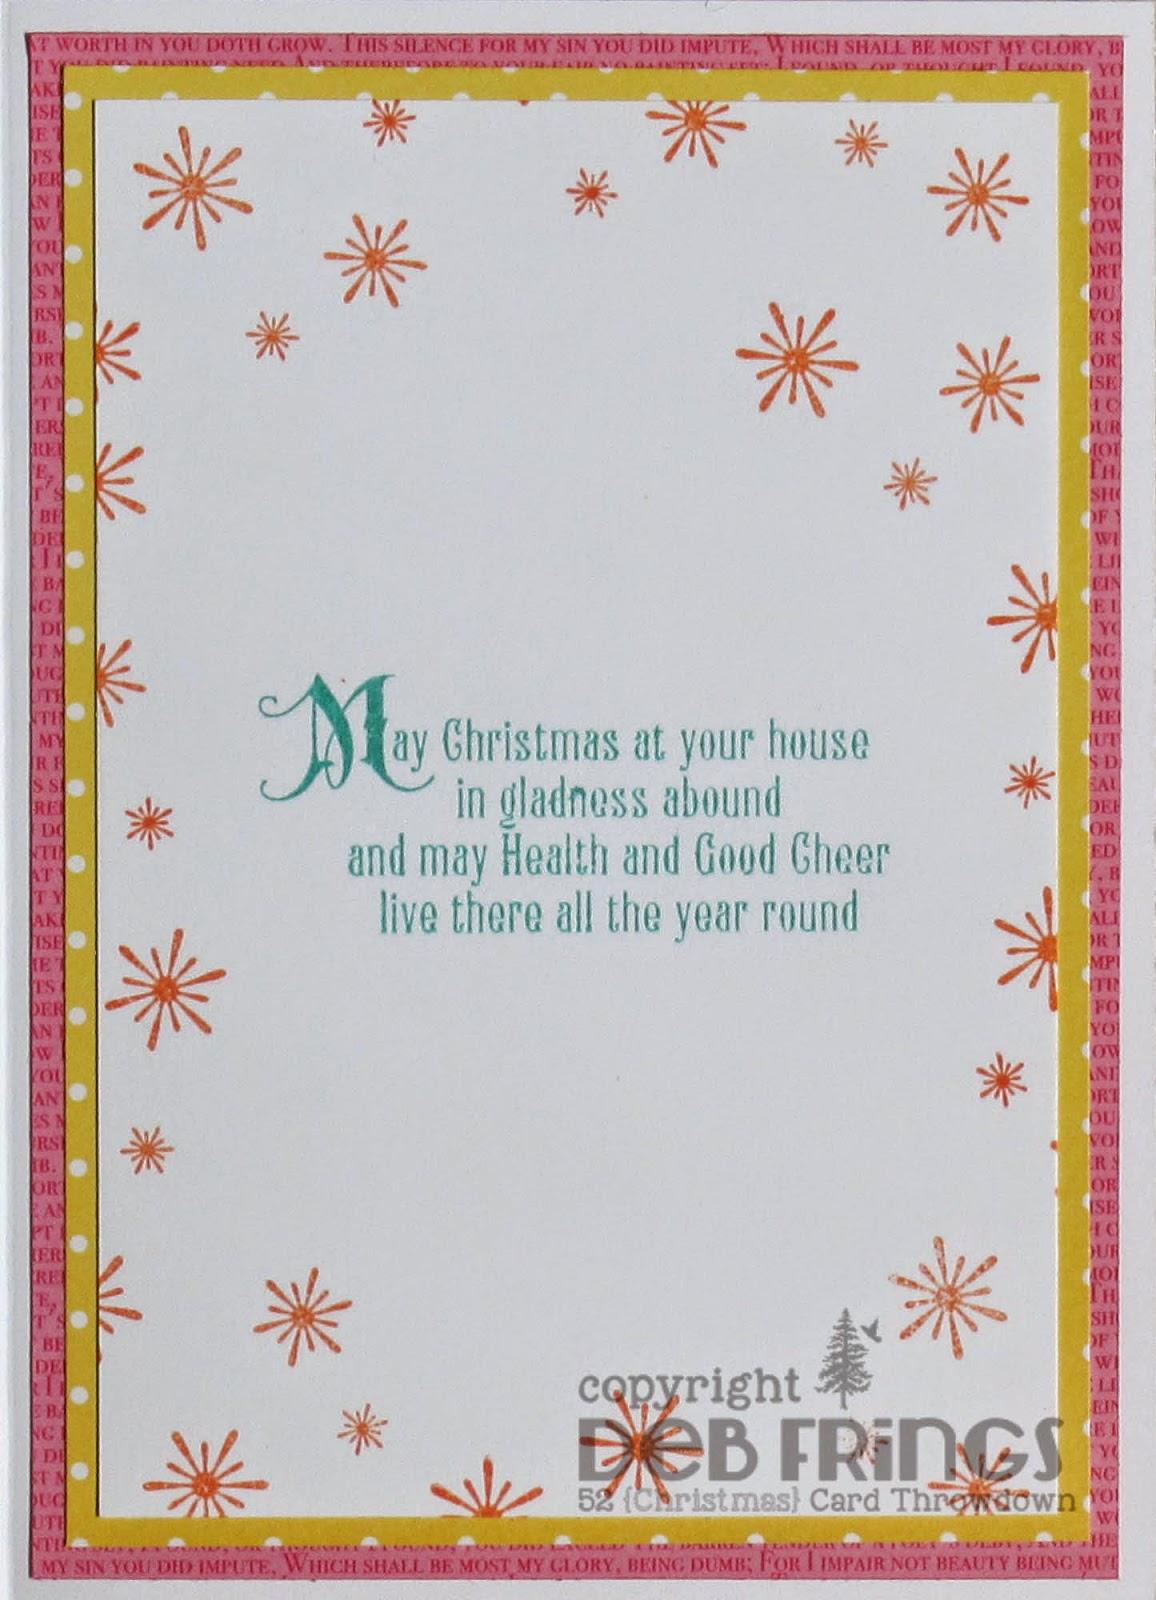 Naughty List inside - photo by Deborah Frings - Deborah's Gems